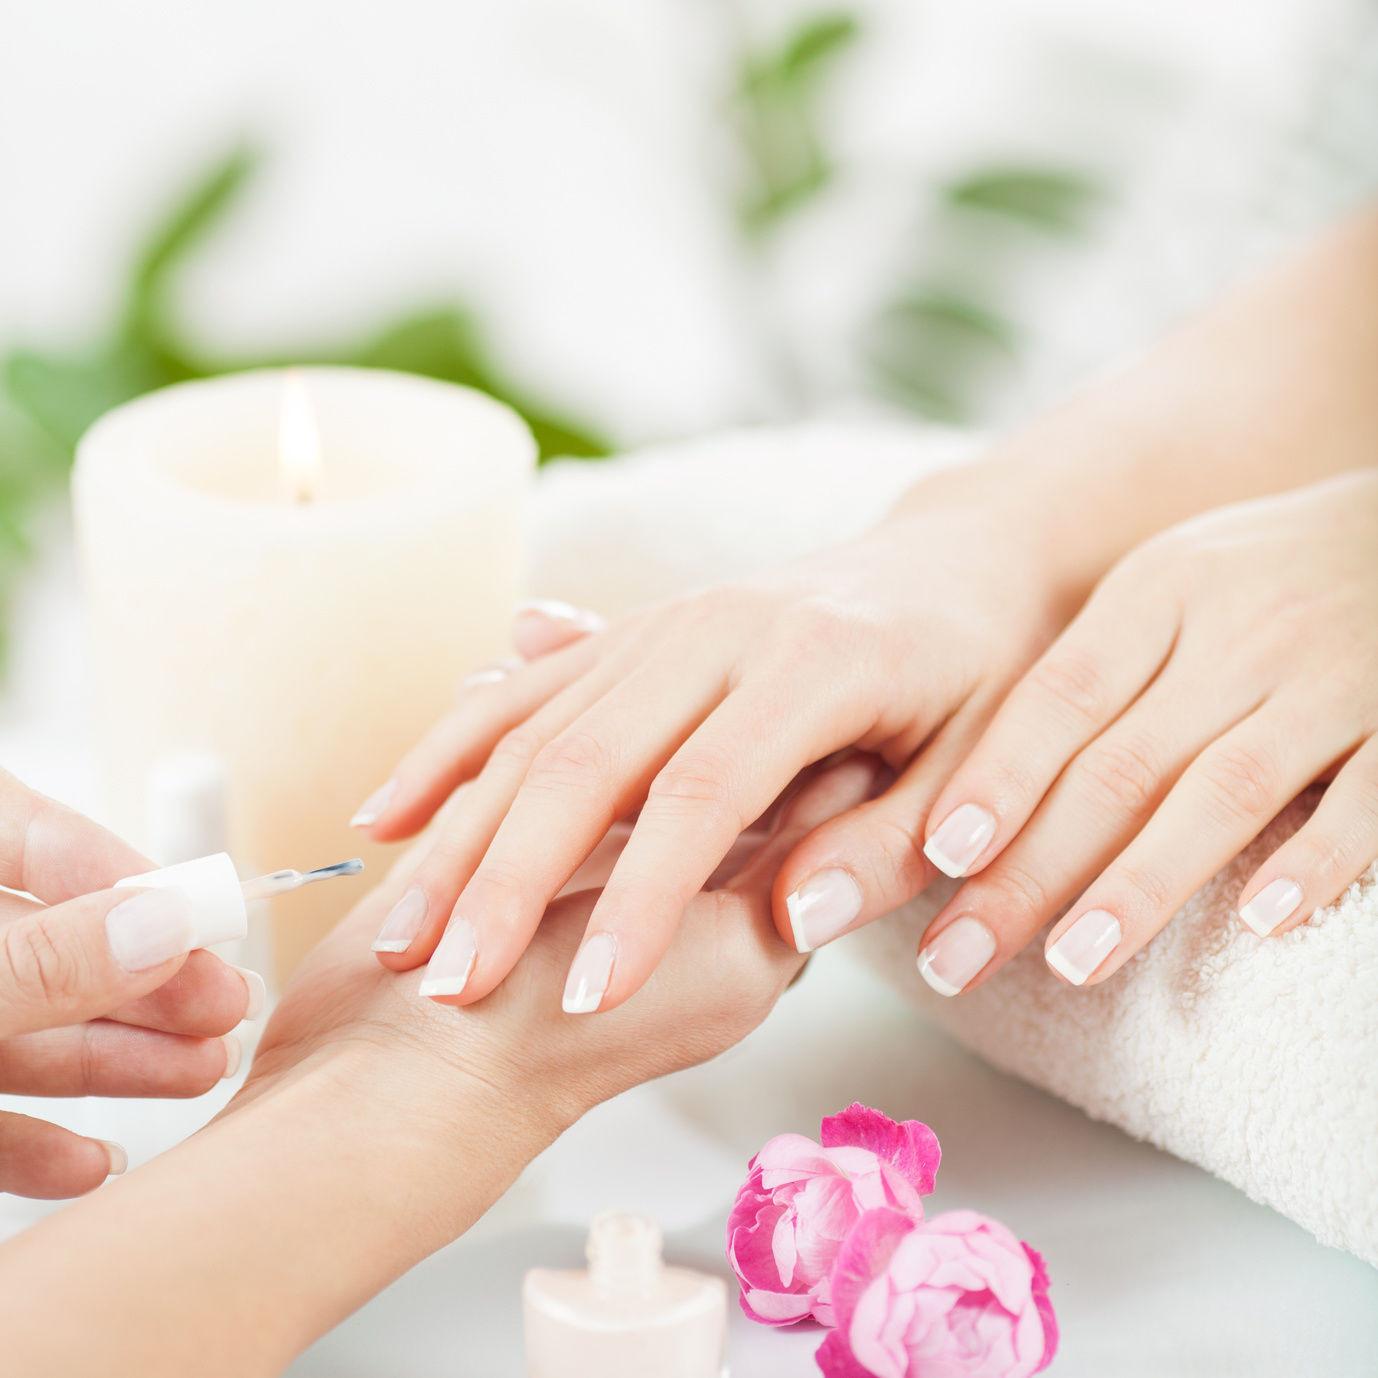 Maniküre Mainz  Anwendungen für Hände & Füße im Wellnesshotel Antoniushof